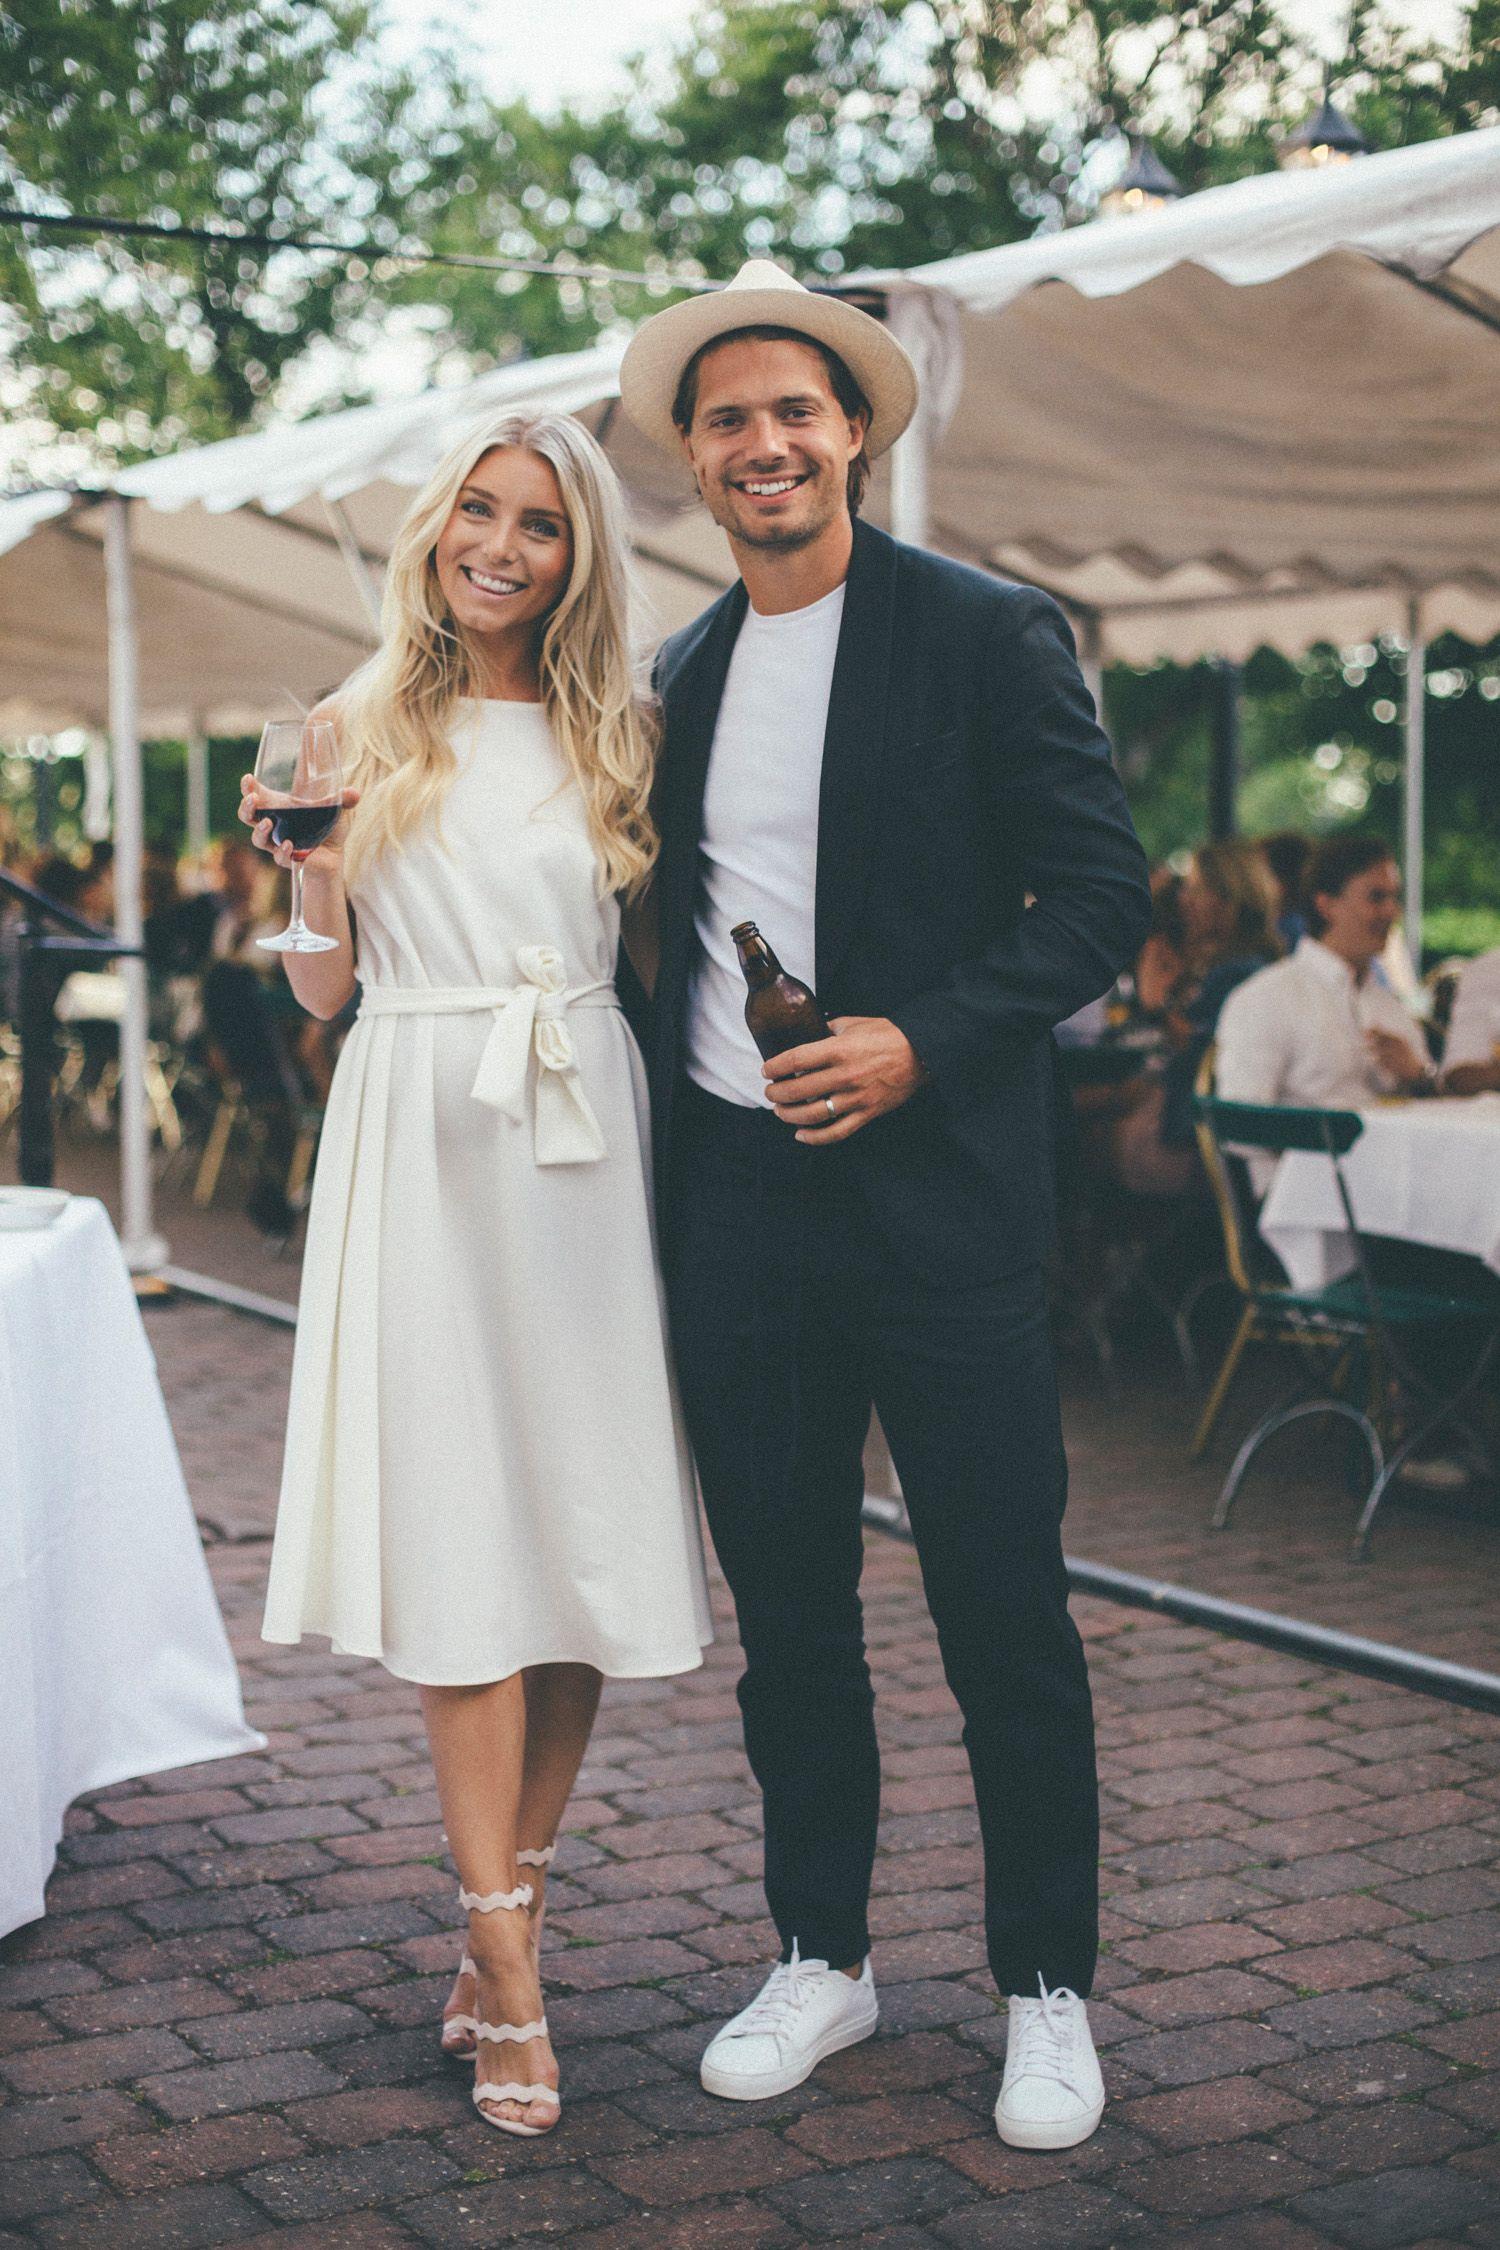 Sanne Alexandra Weddingdress Wedding Gowns Wedding Och Wedding